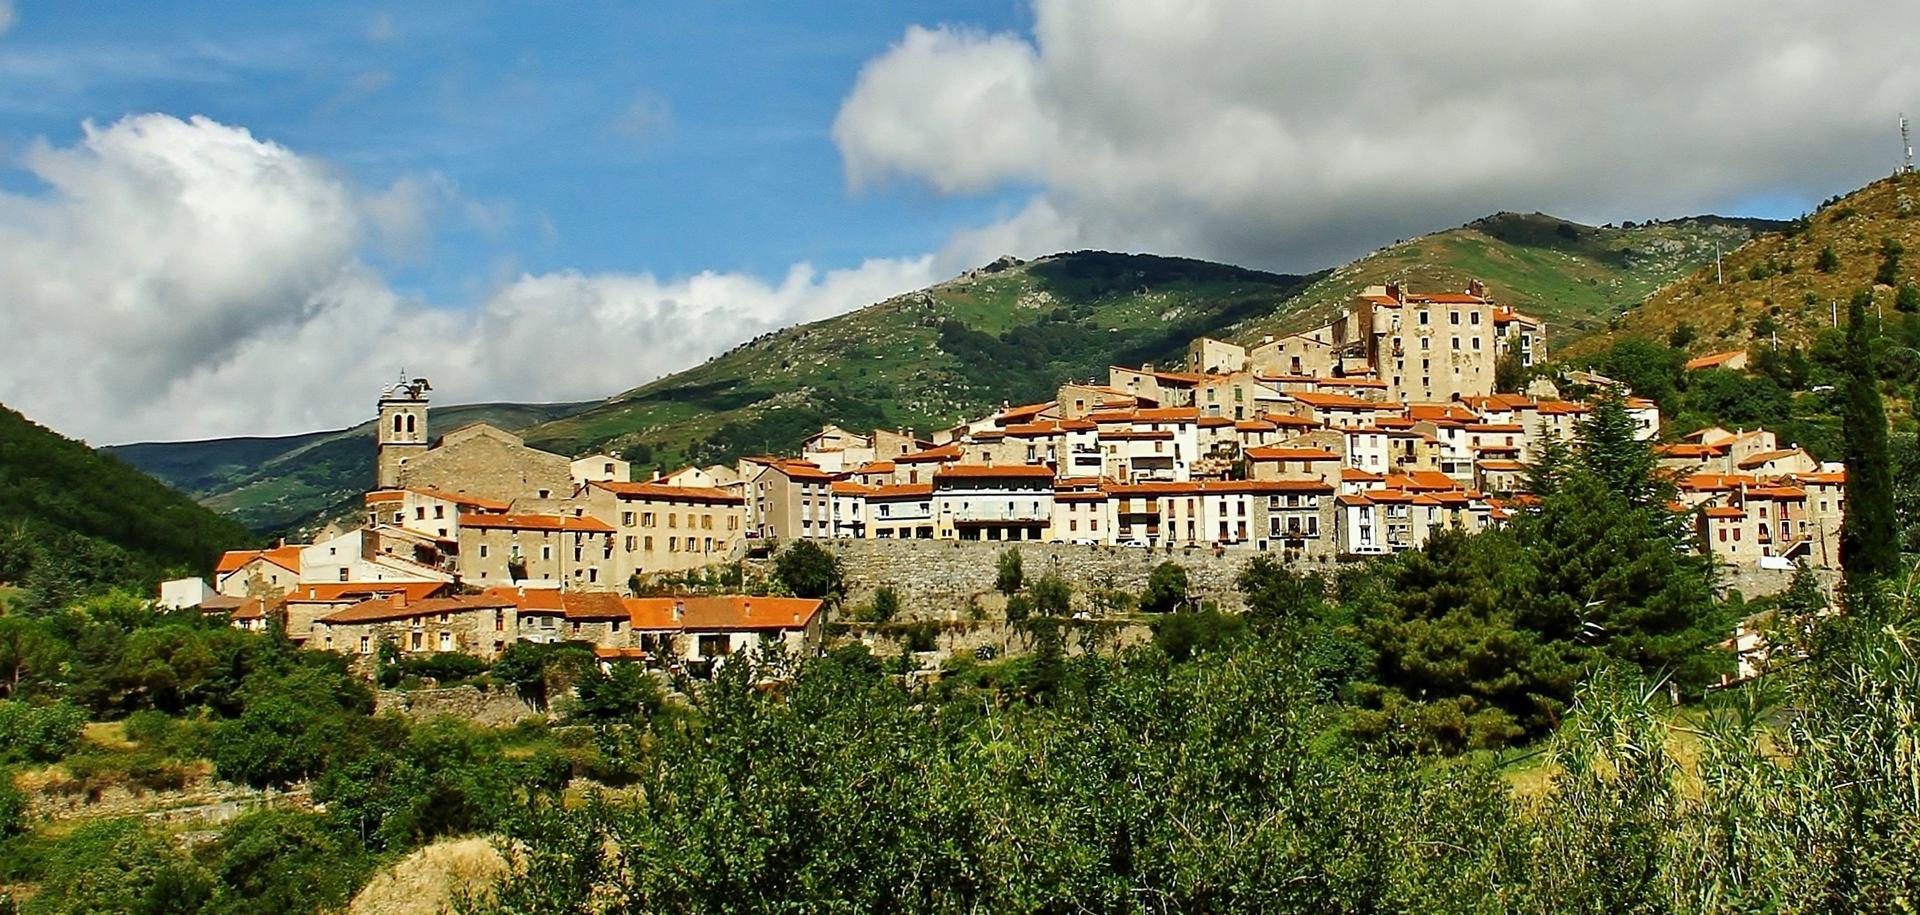 Le village de Mosset.66